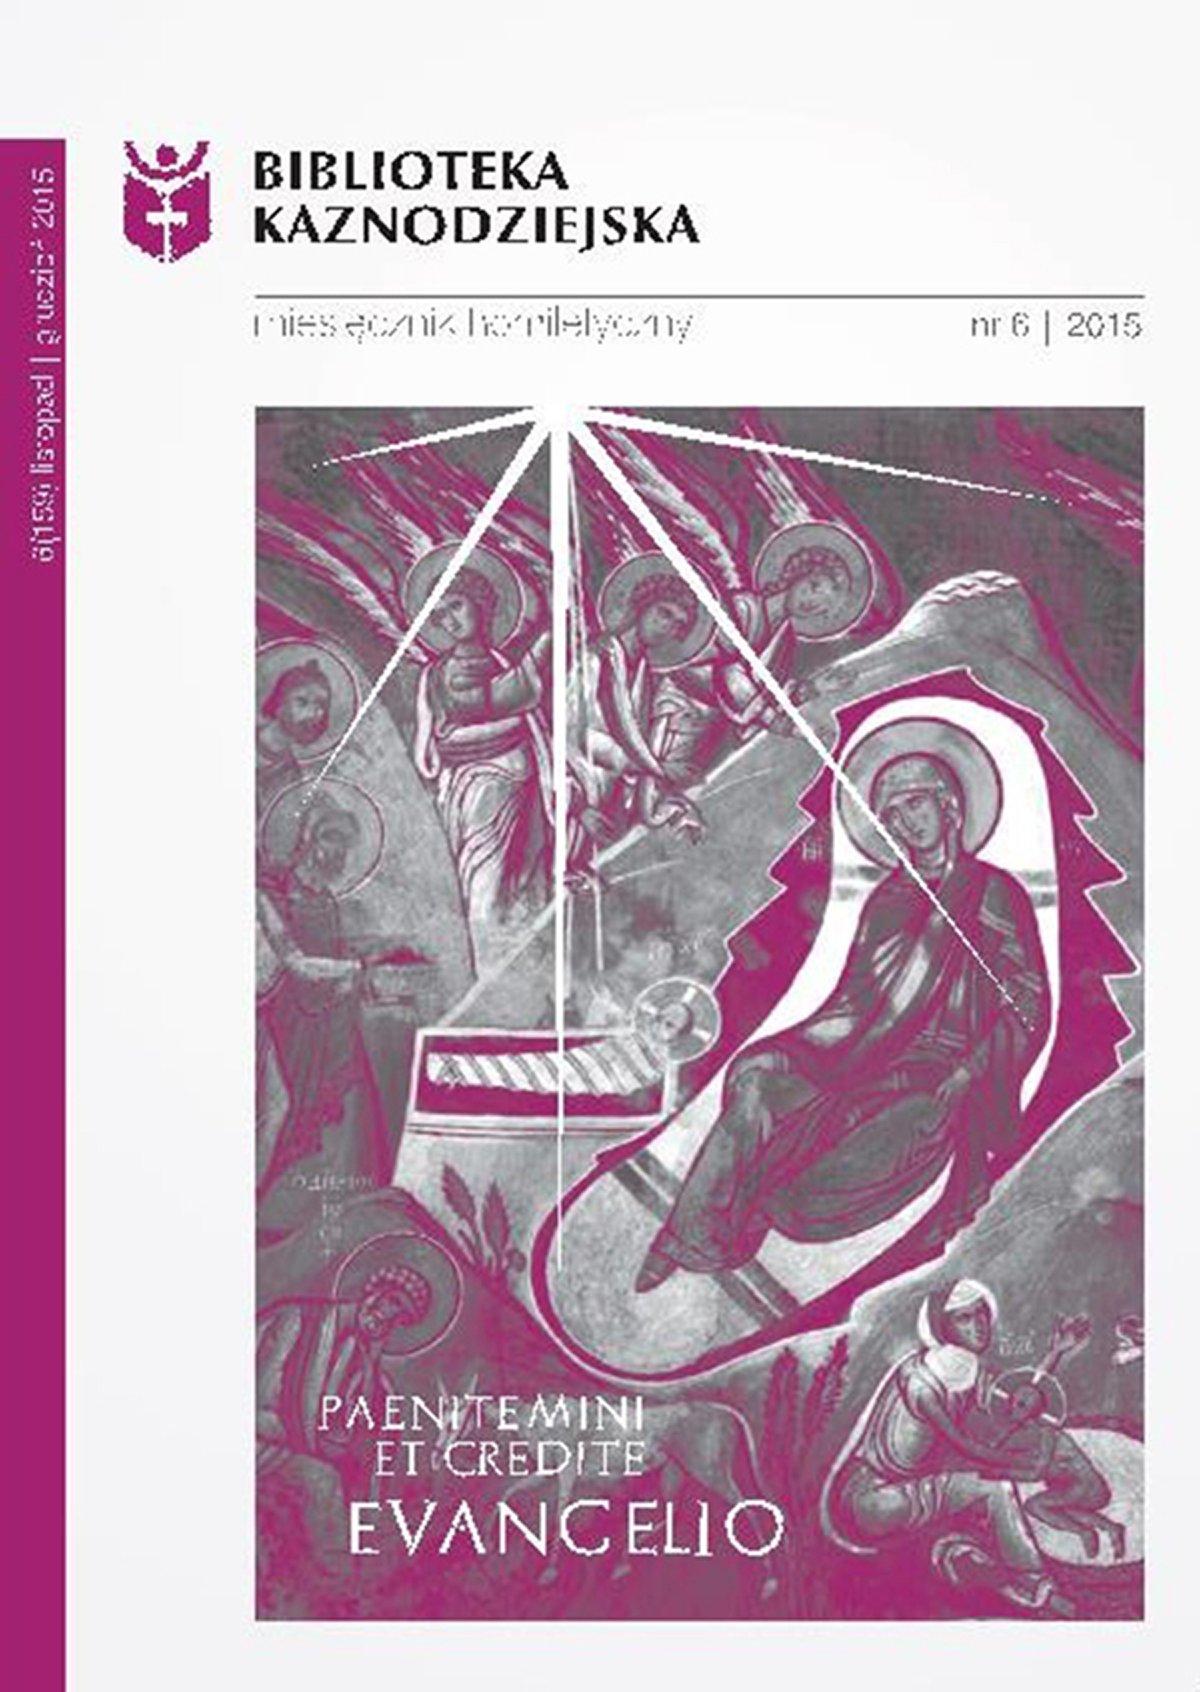 Biblioteka Kaznodziejska nr 06/2015 - Ebook (Książka EPUB) do pobrania w formacie EPUB